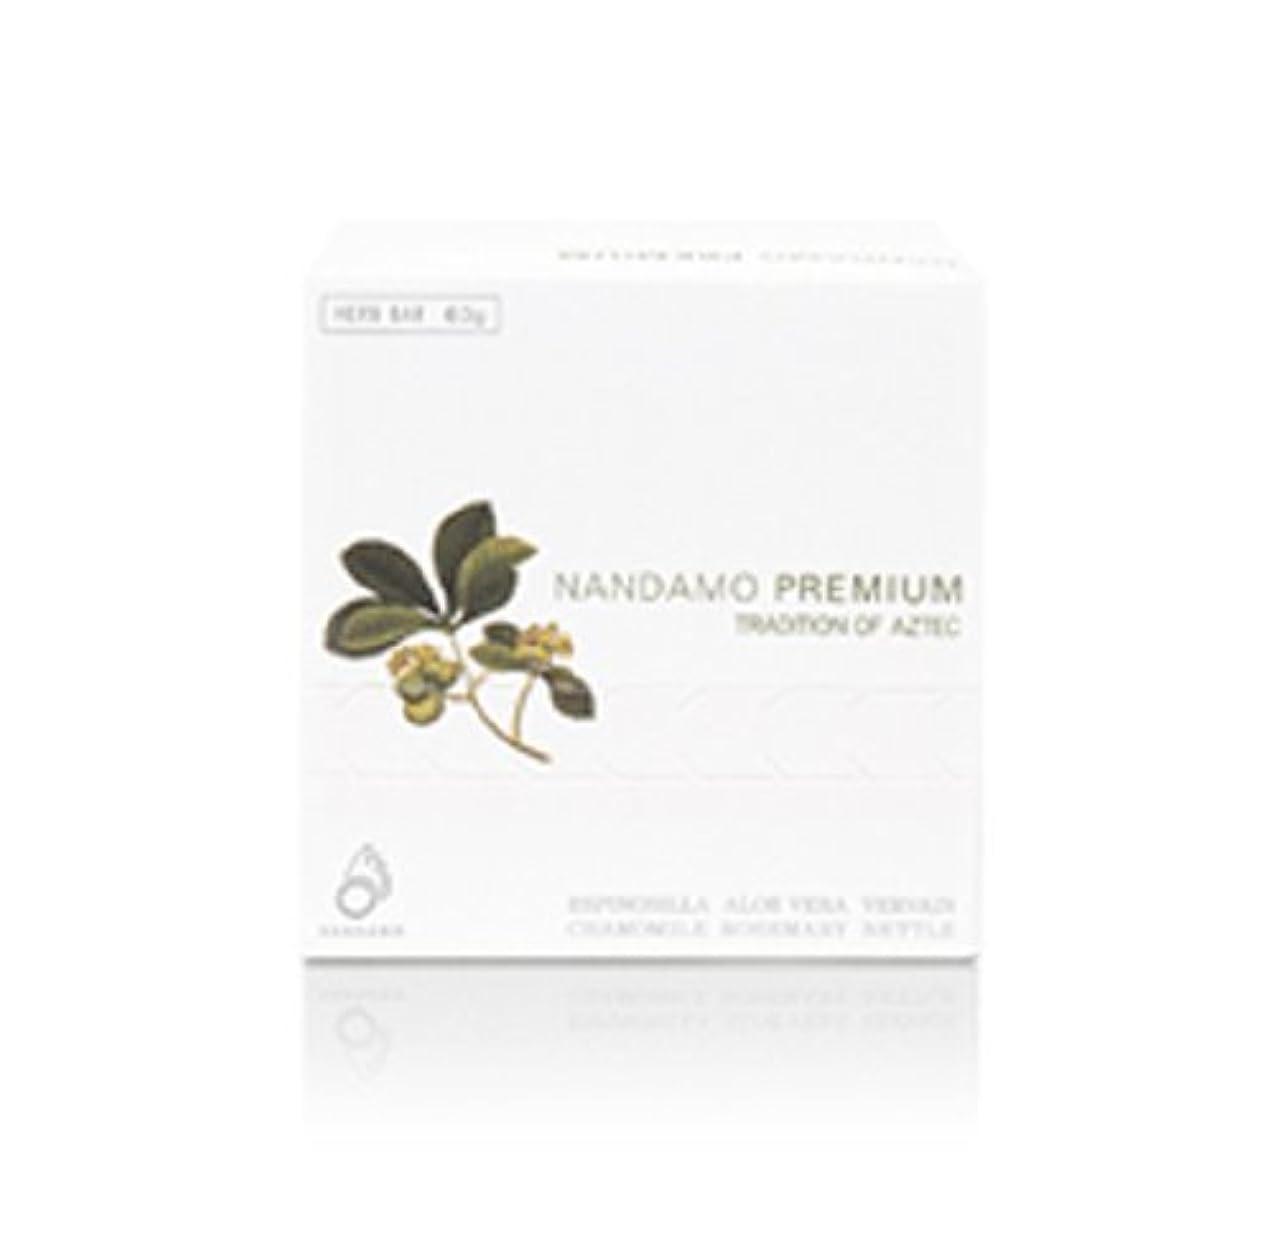 定規力強い消えるNANDAMO PREMIUM(ナンダモプレミアム)ナンダモプレミアム60g